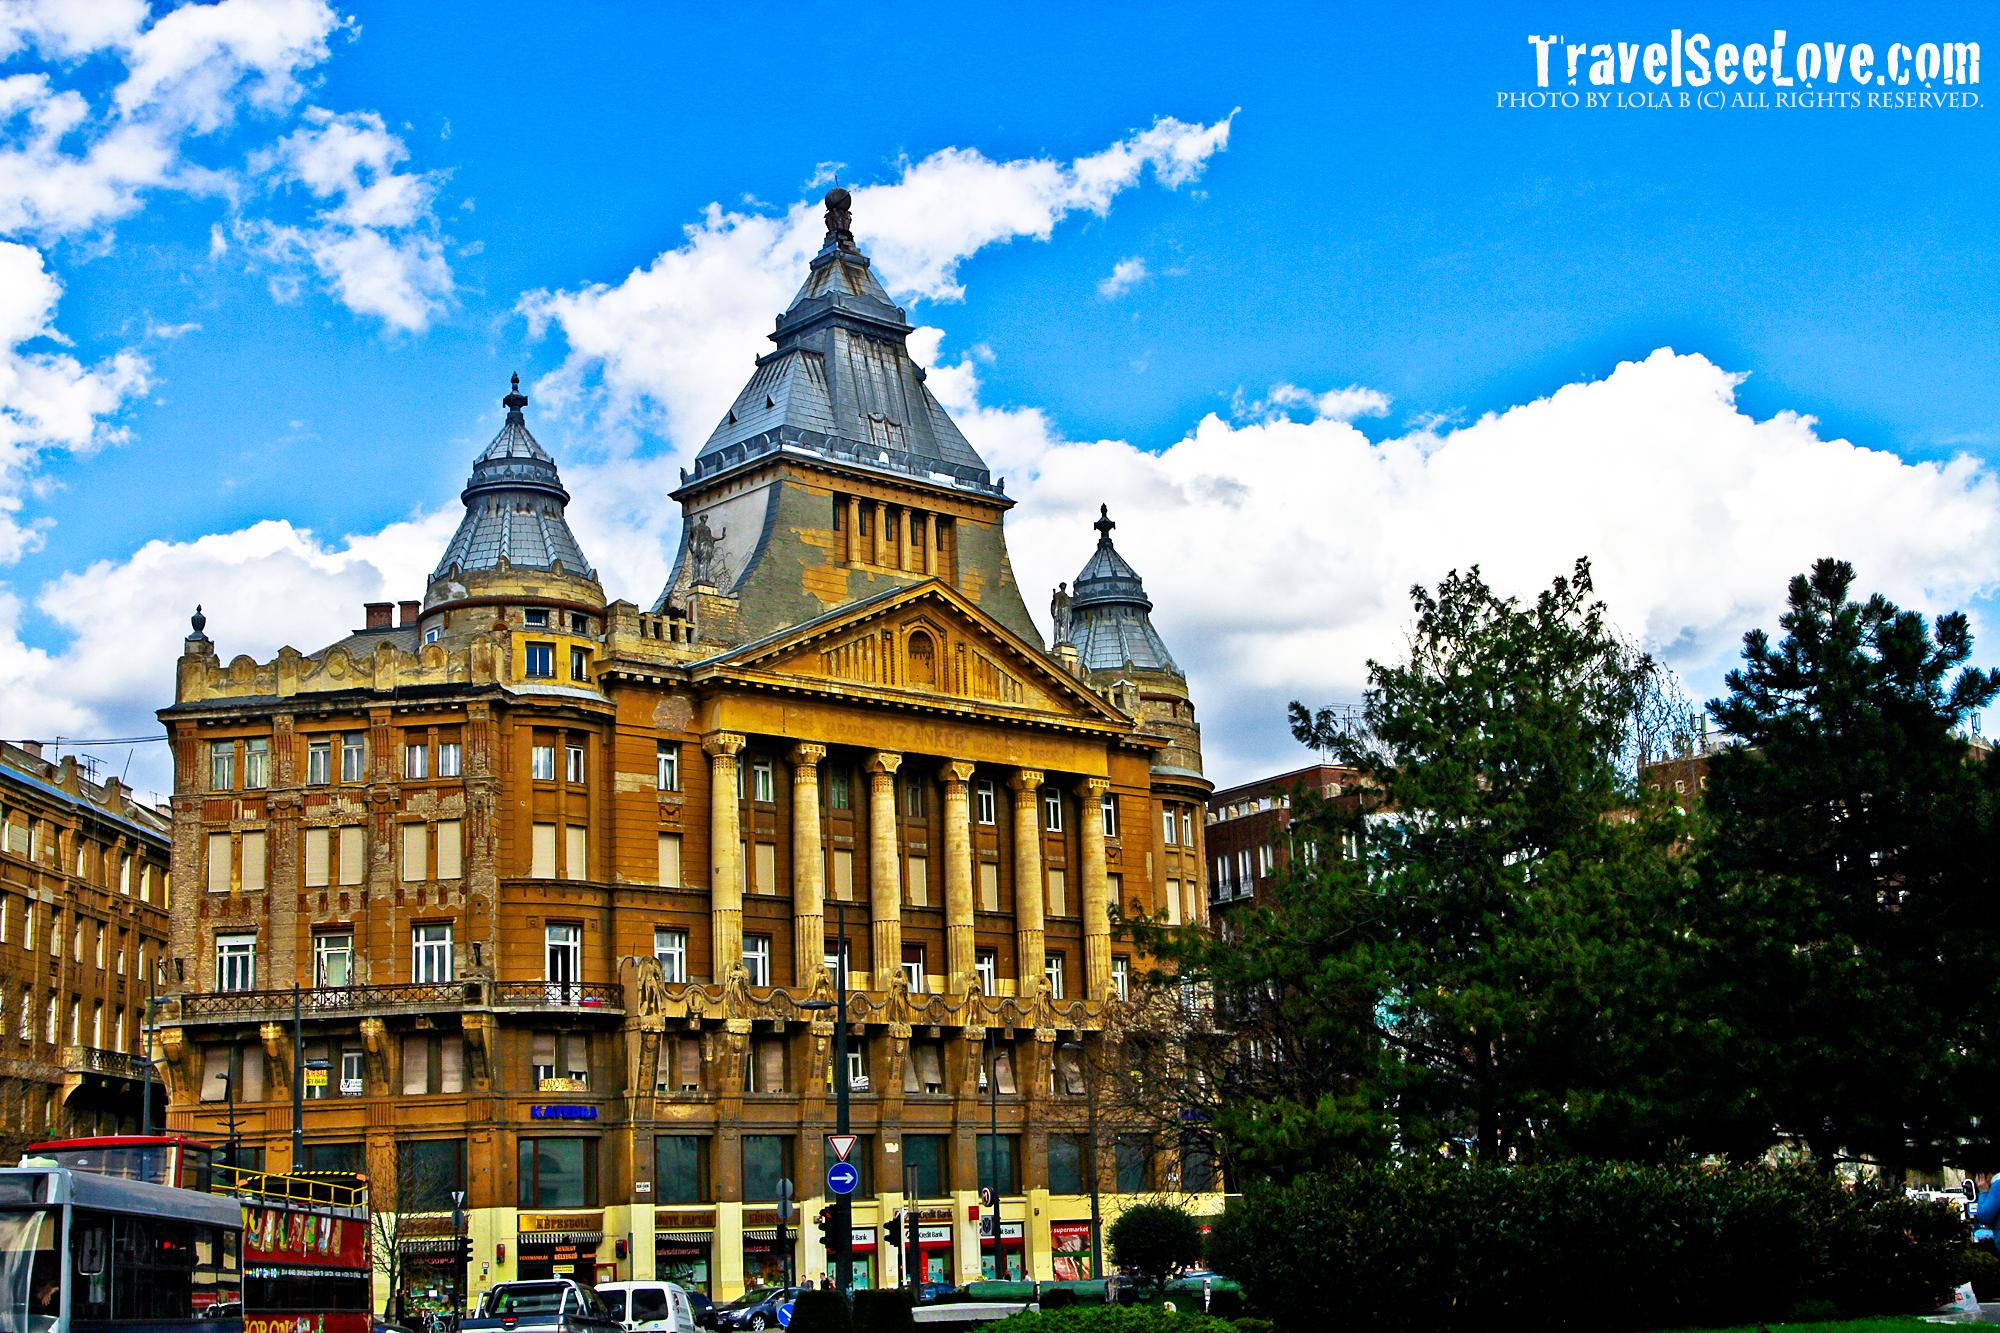 Beautiful buildings everywhere!